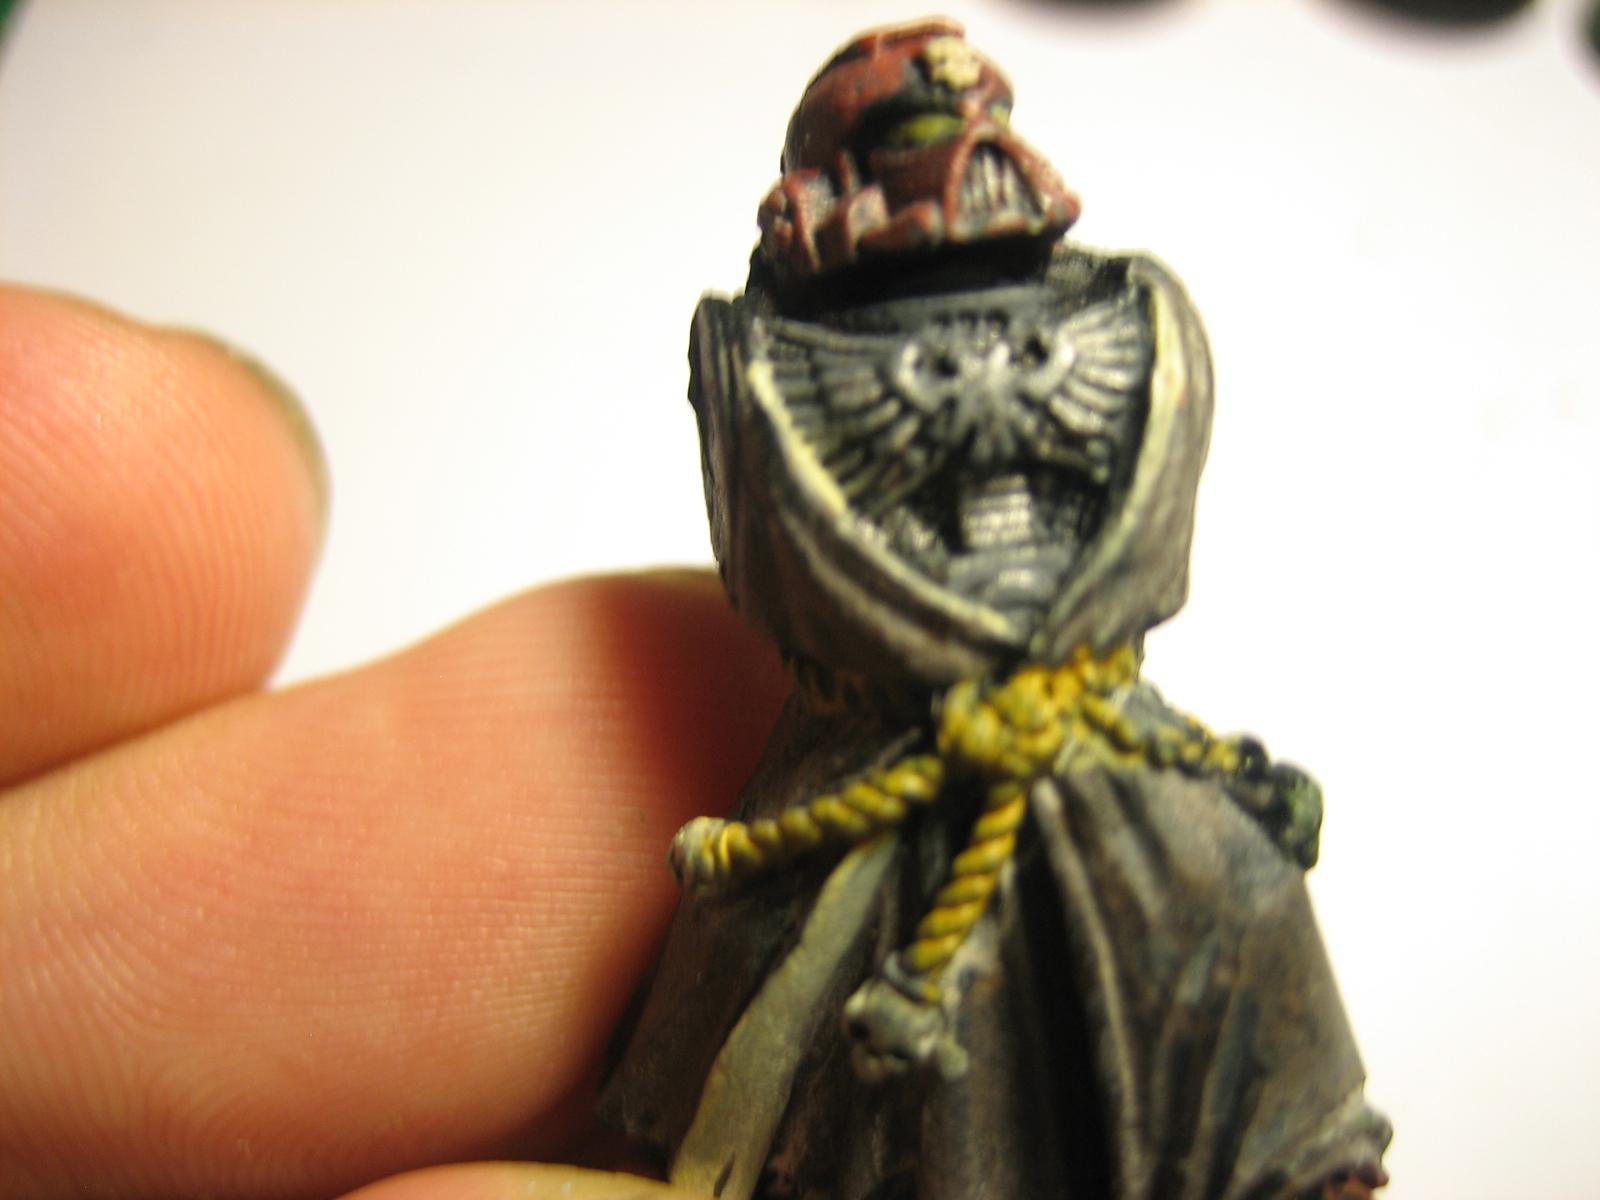 Robe, Space Marines, A marine. Sans arms. Sigh